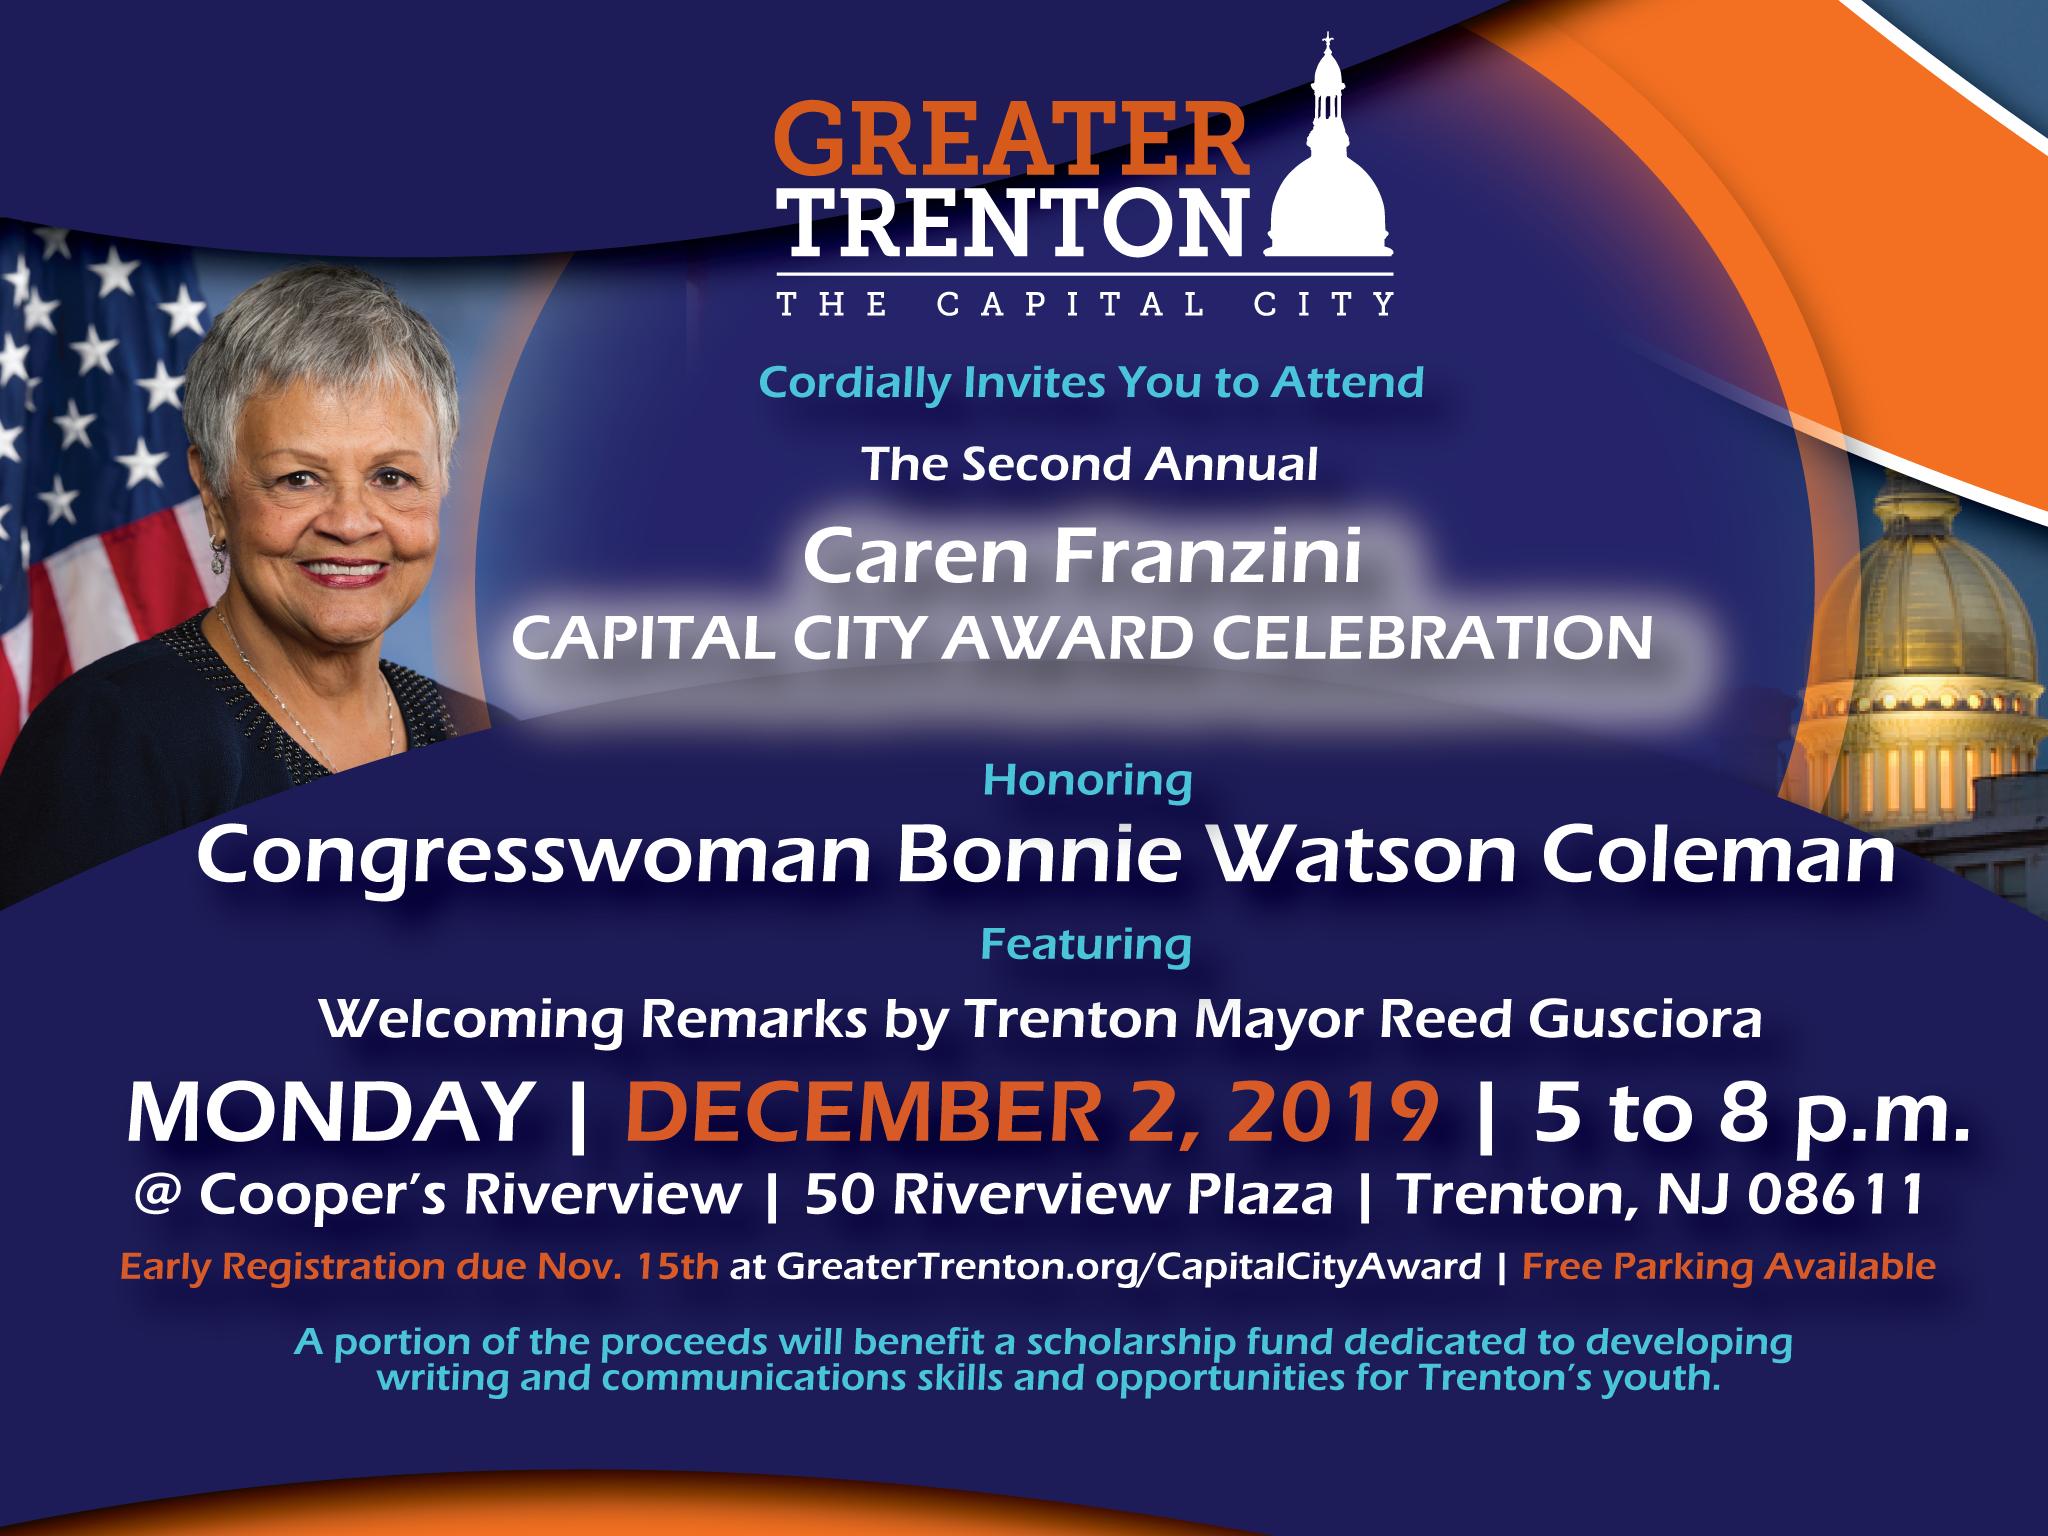 Excitement Builds as Caren Franzini Capital City Award ...